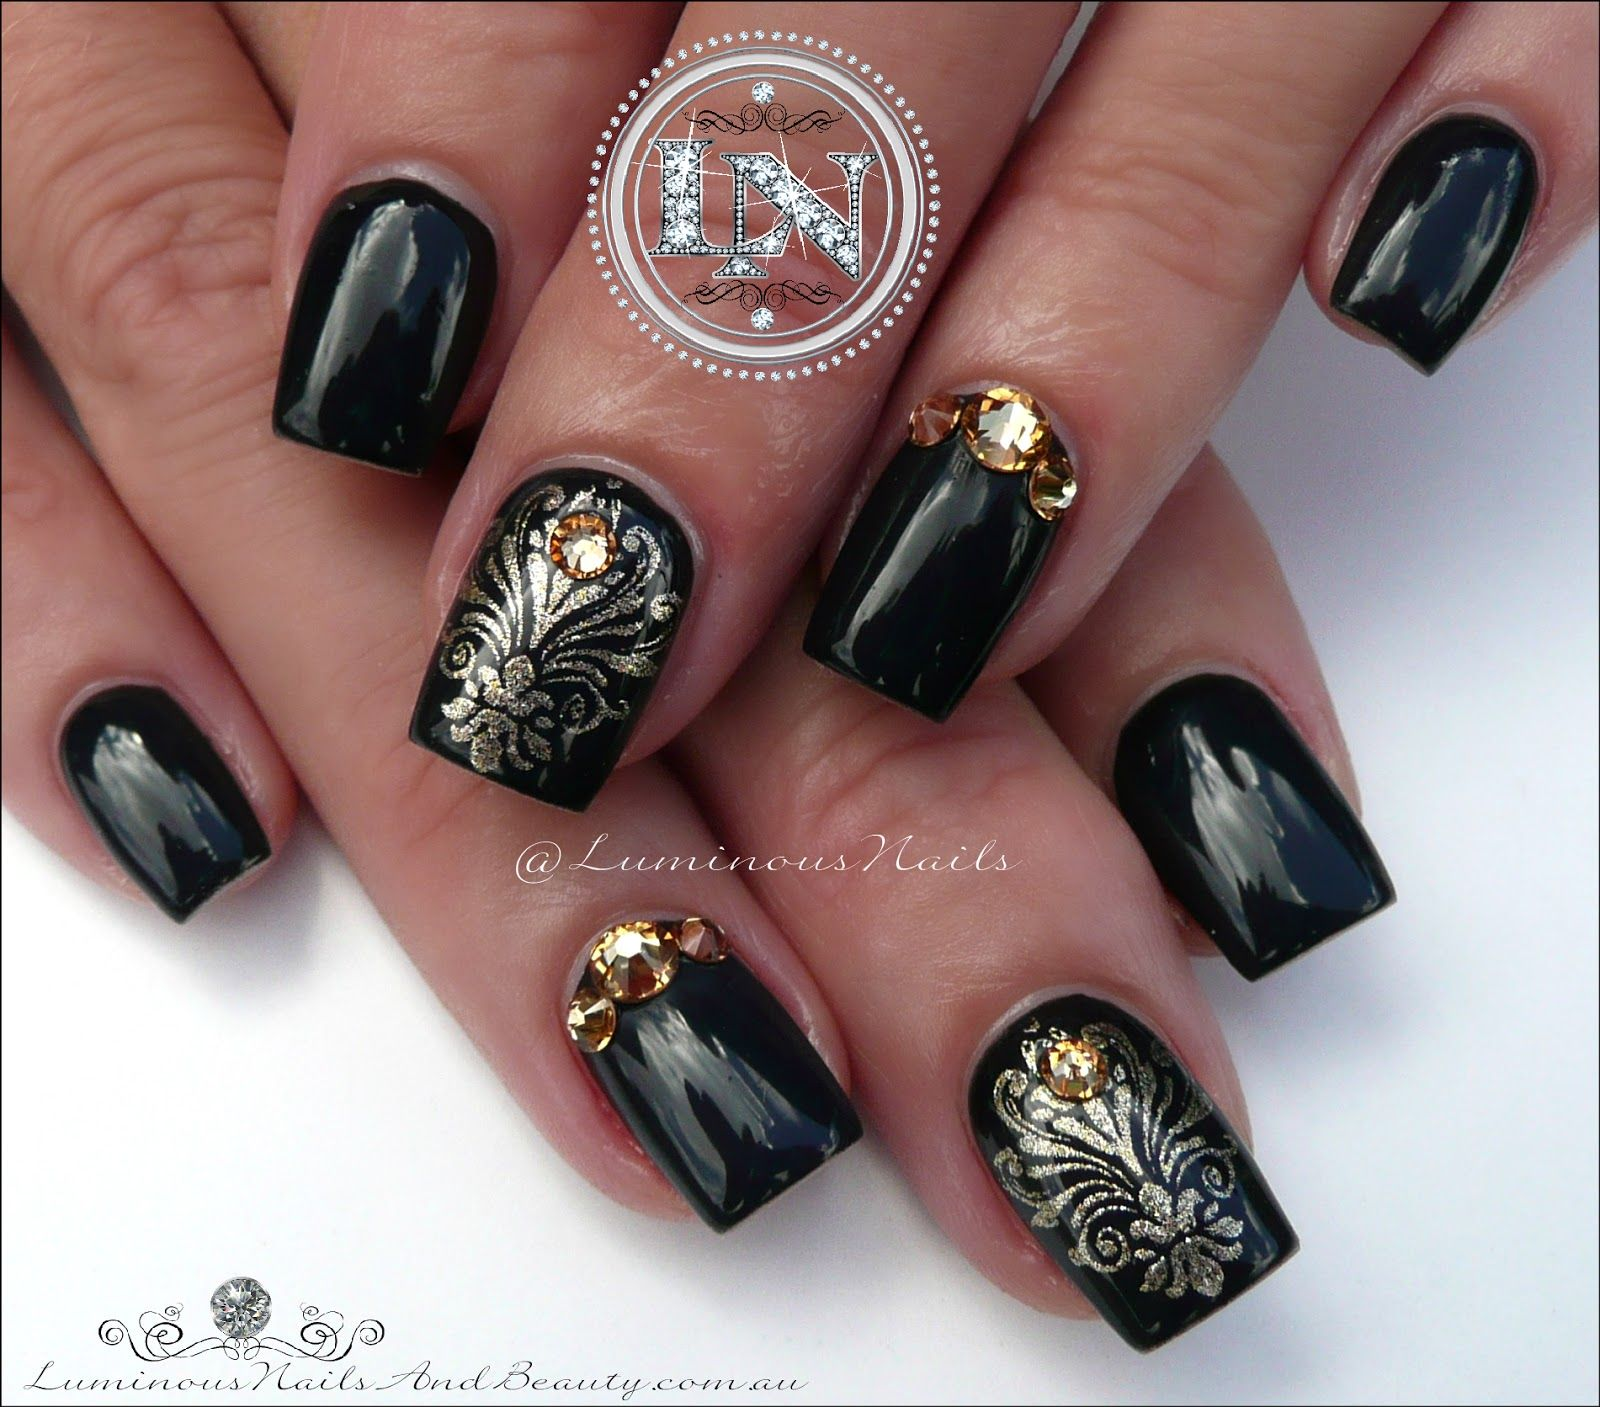 Luminous Nails: Glossy Black Nails with Damask Stamping... Acrylic & Gel Nails.